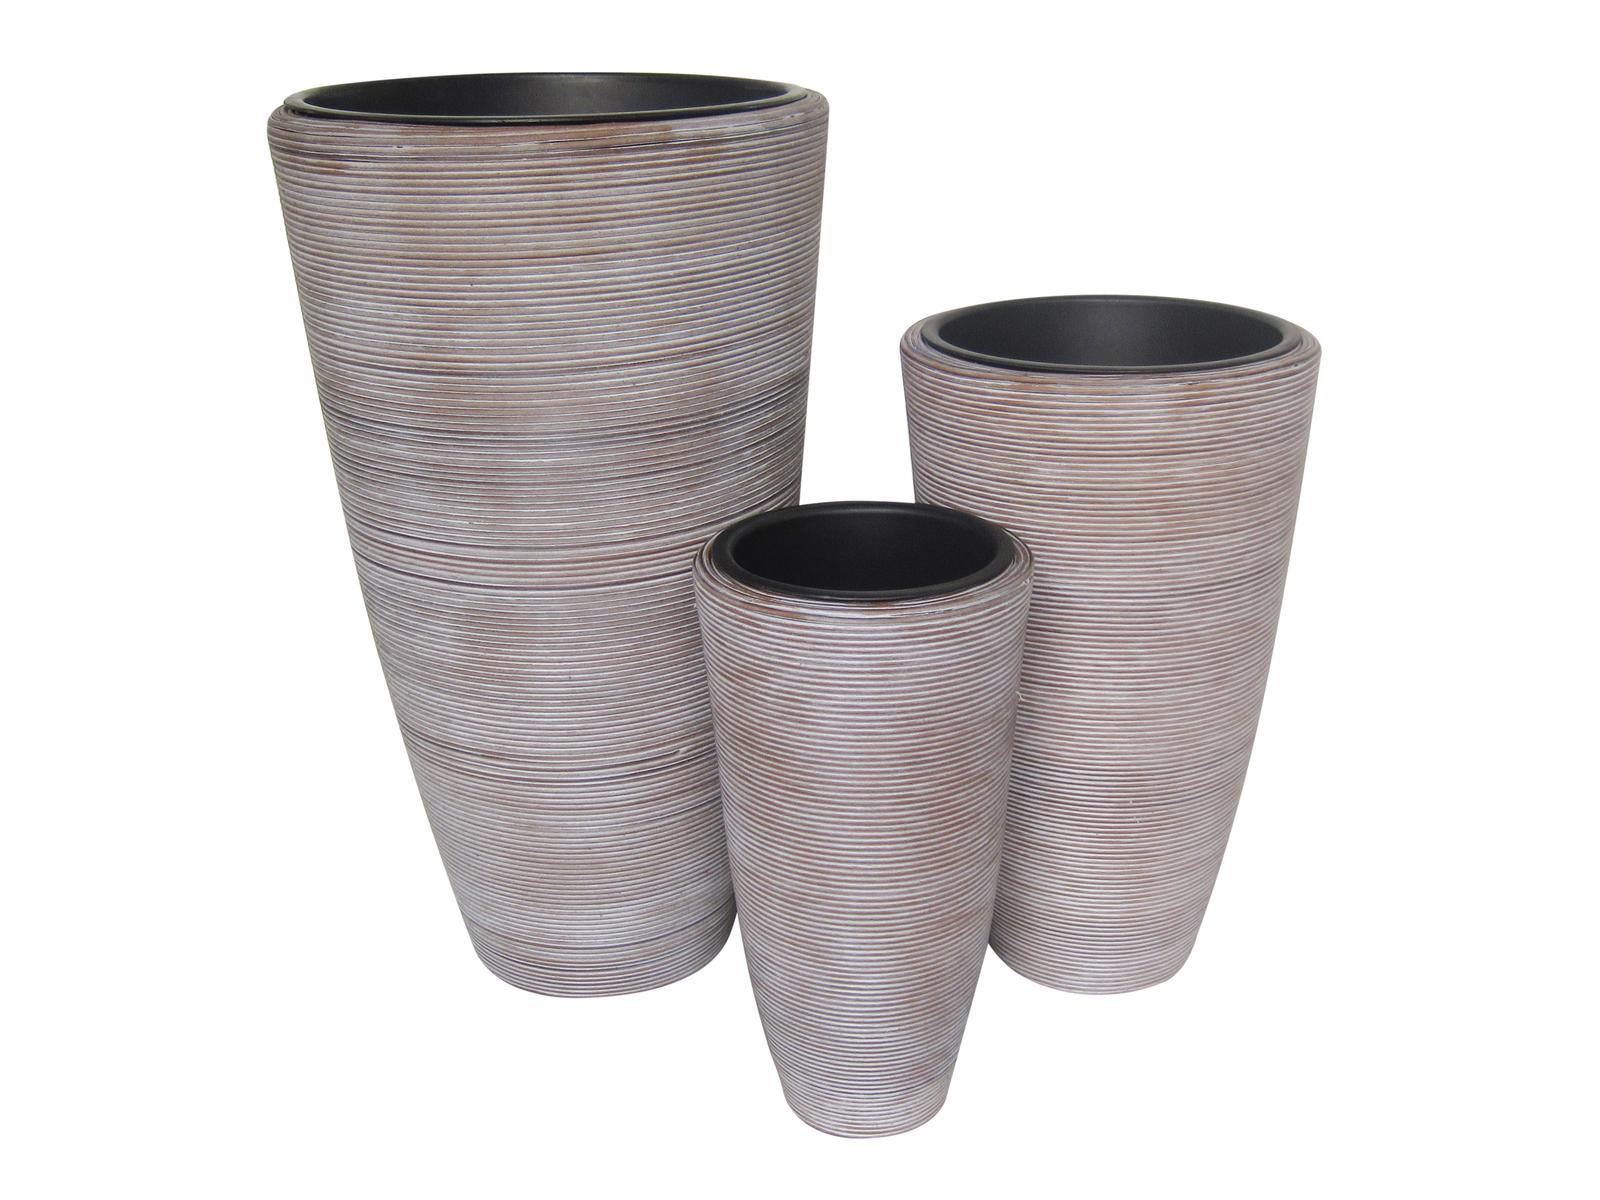 EUROPALMS Deco Fioriera Vaso decorativo 3 pezzi modello ITALIA 74 x 54 x 44 cm